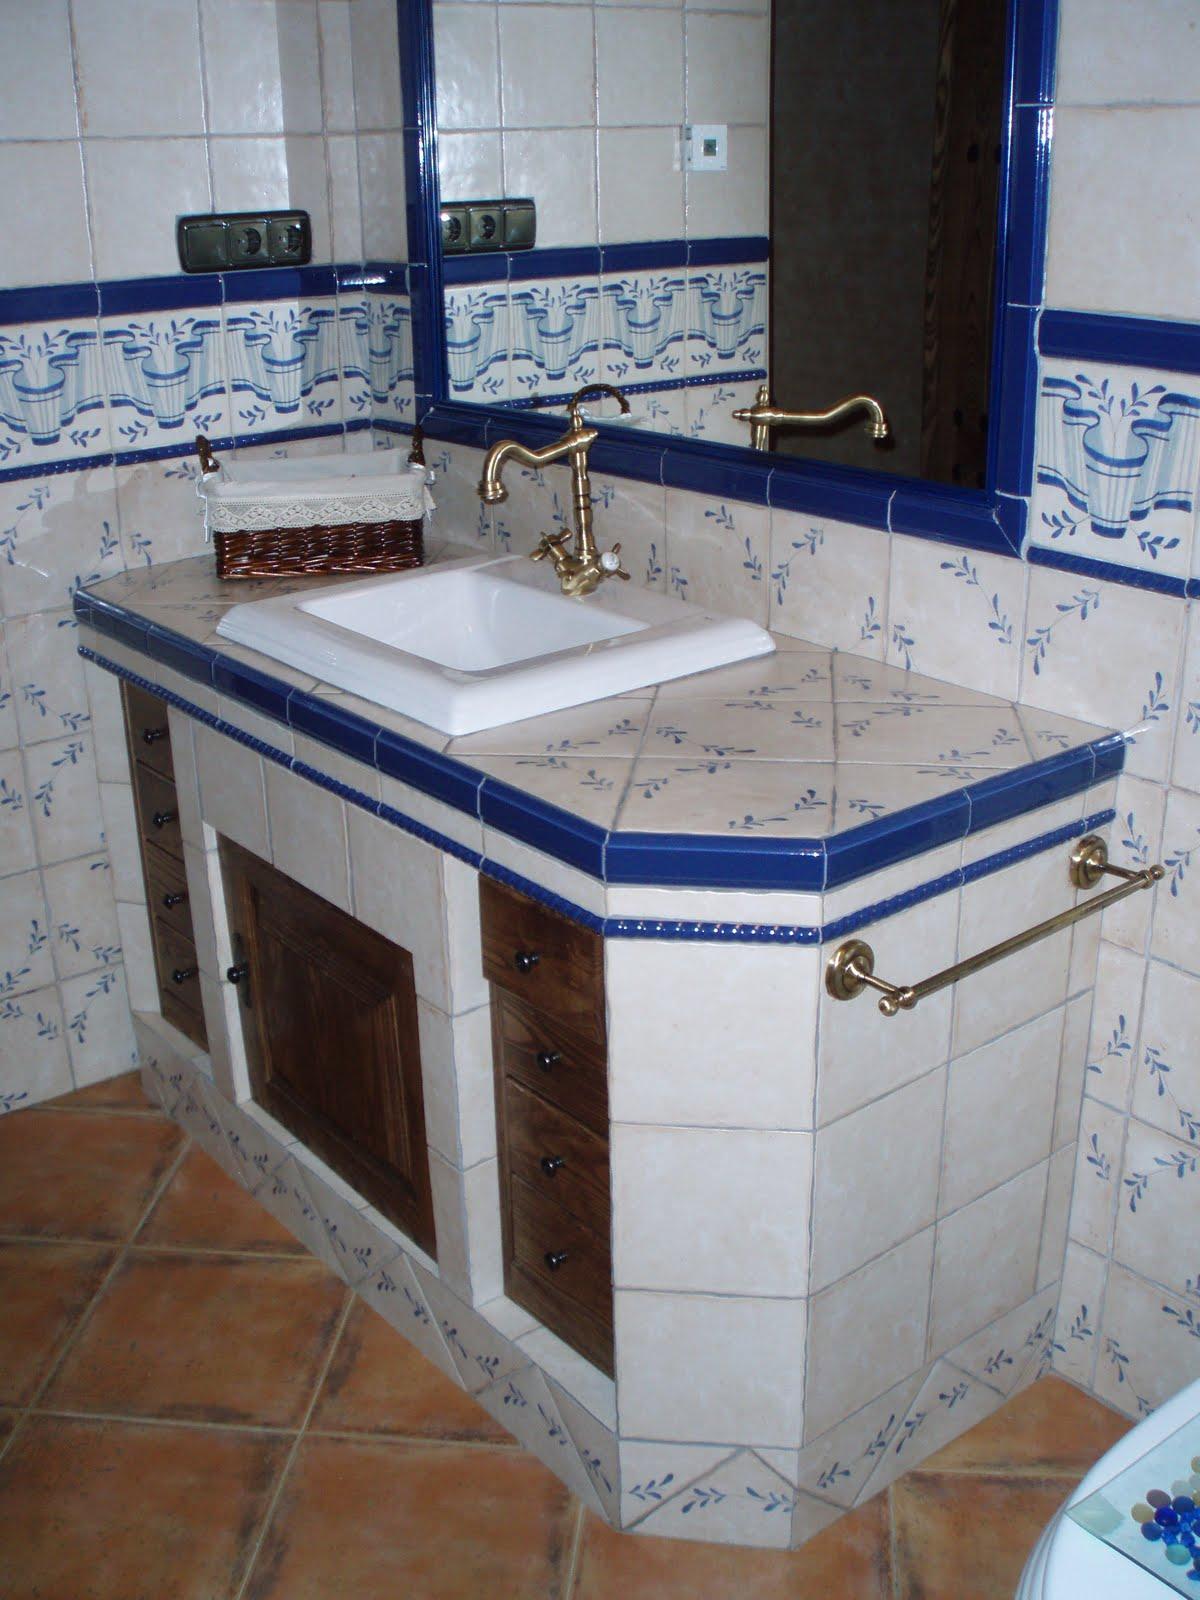 Imagenes De Muebles De Baño De Obra:CUVICONS reformas y construcción: Muebles de baño de obra